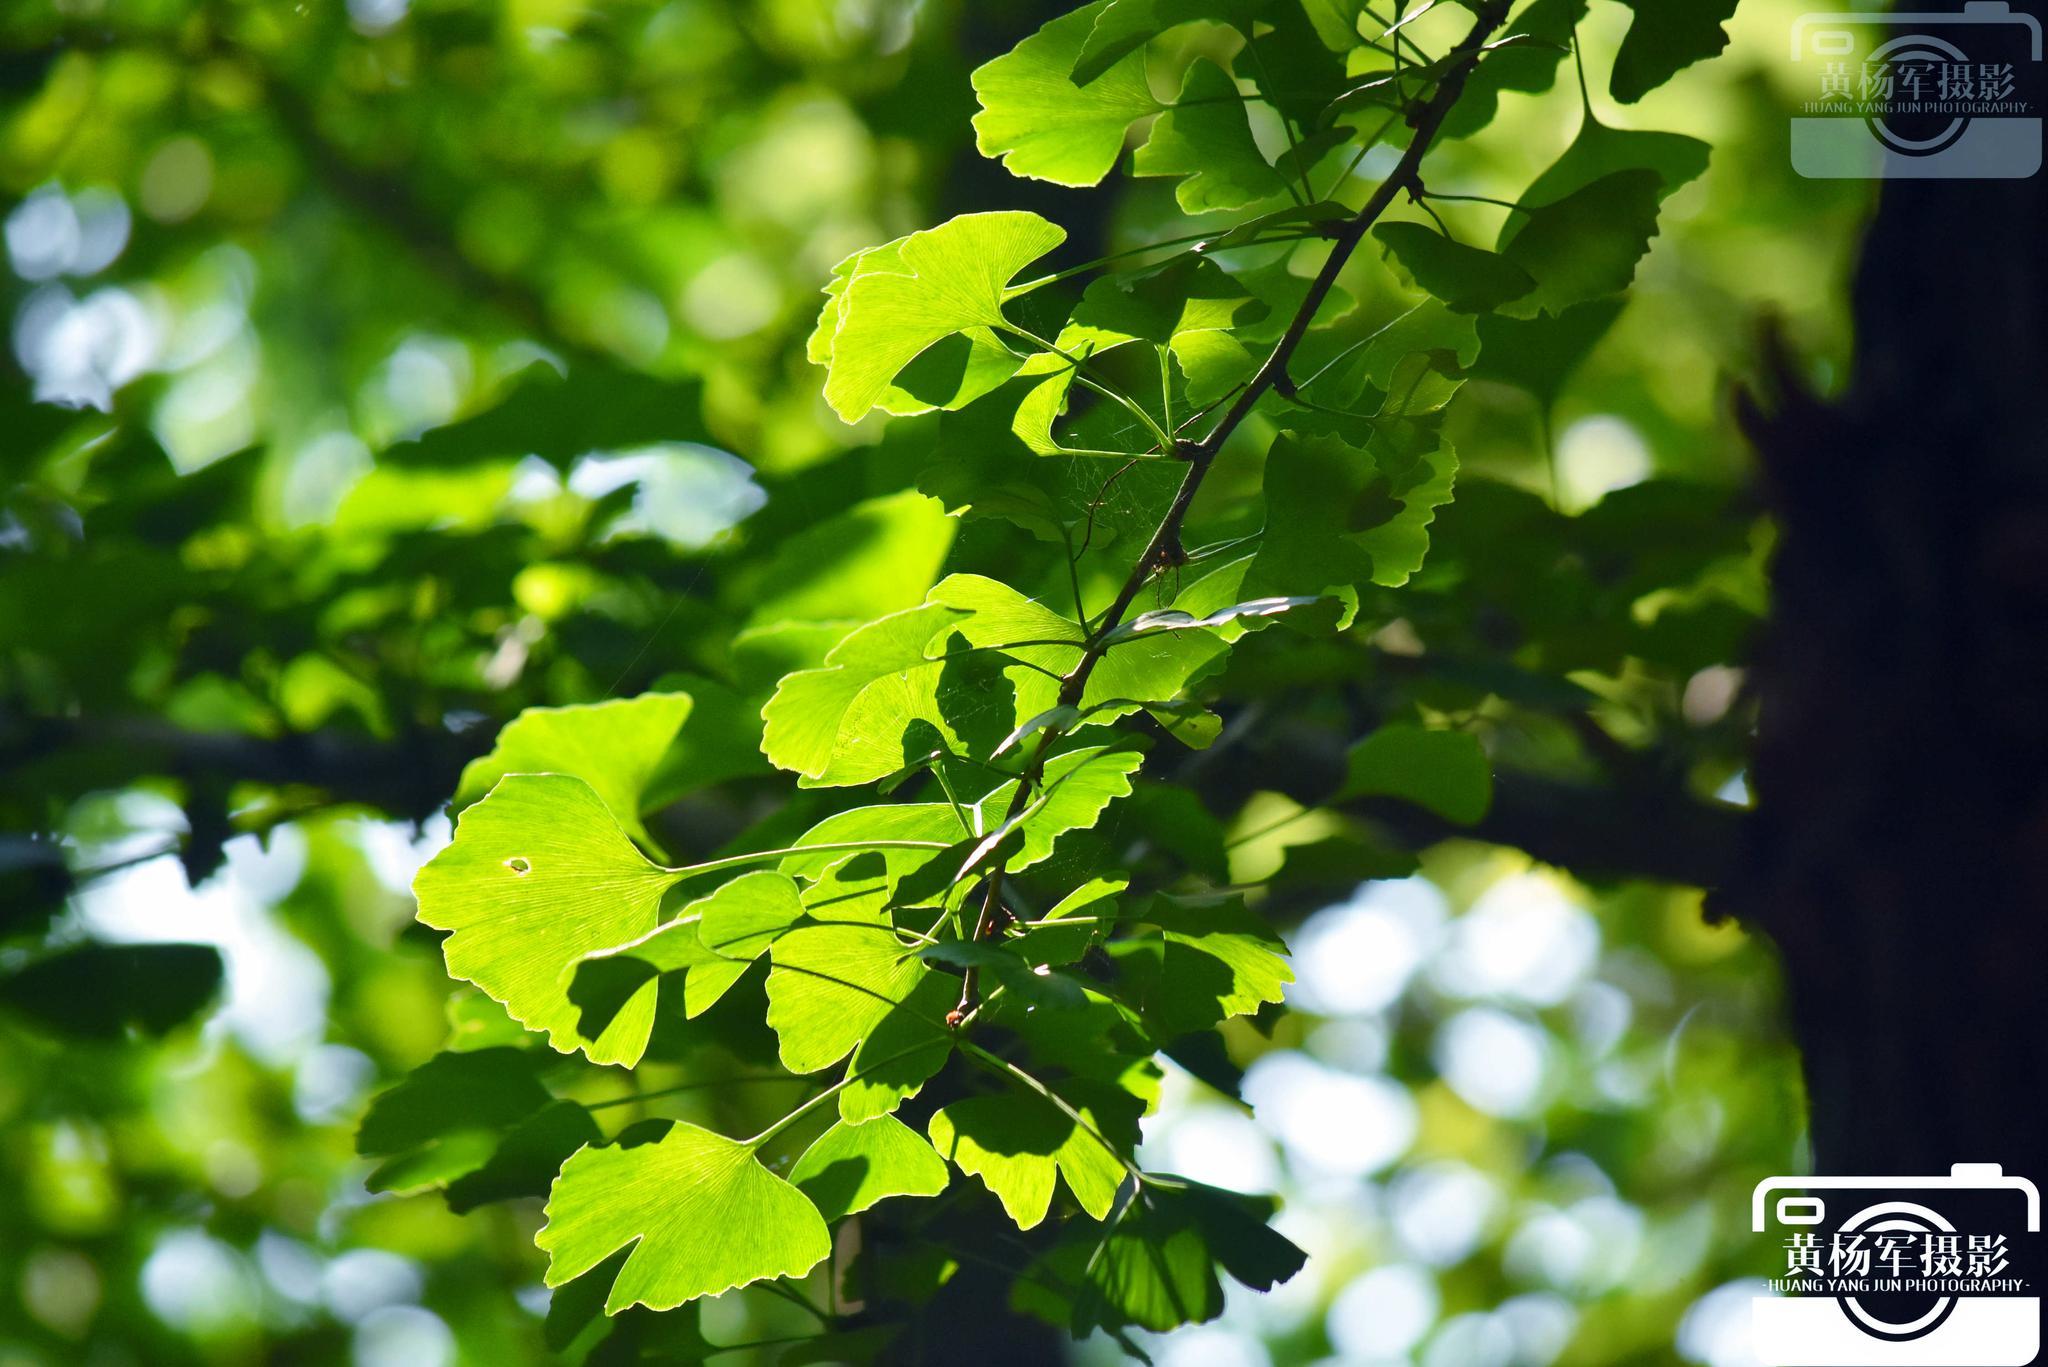 发现叶子的美·阳光下绿树林中美丽的银杏叶